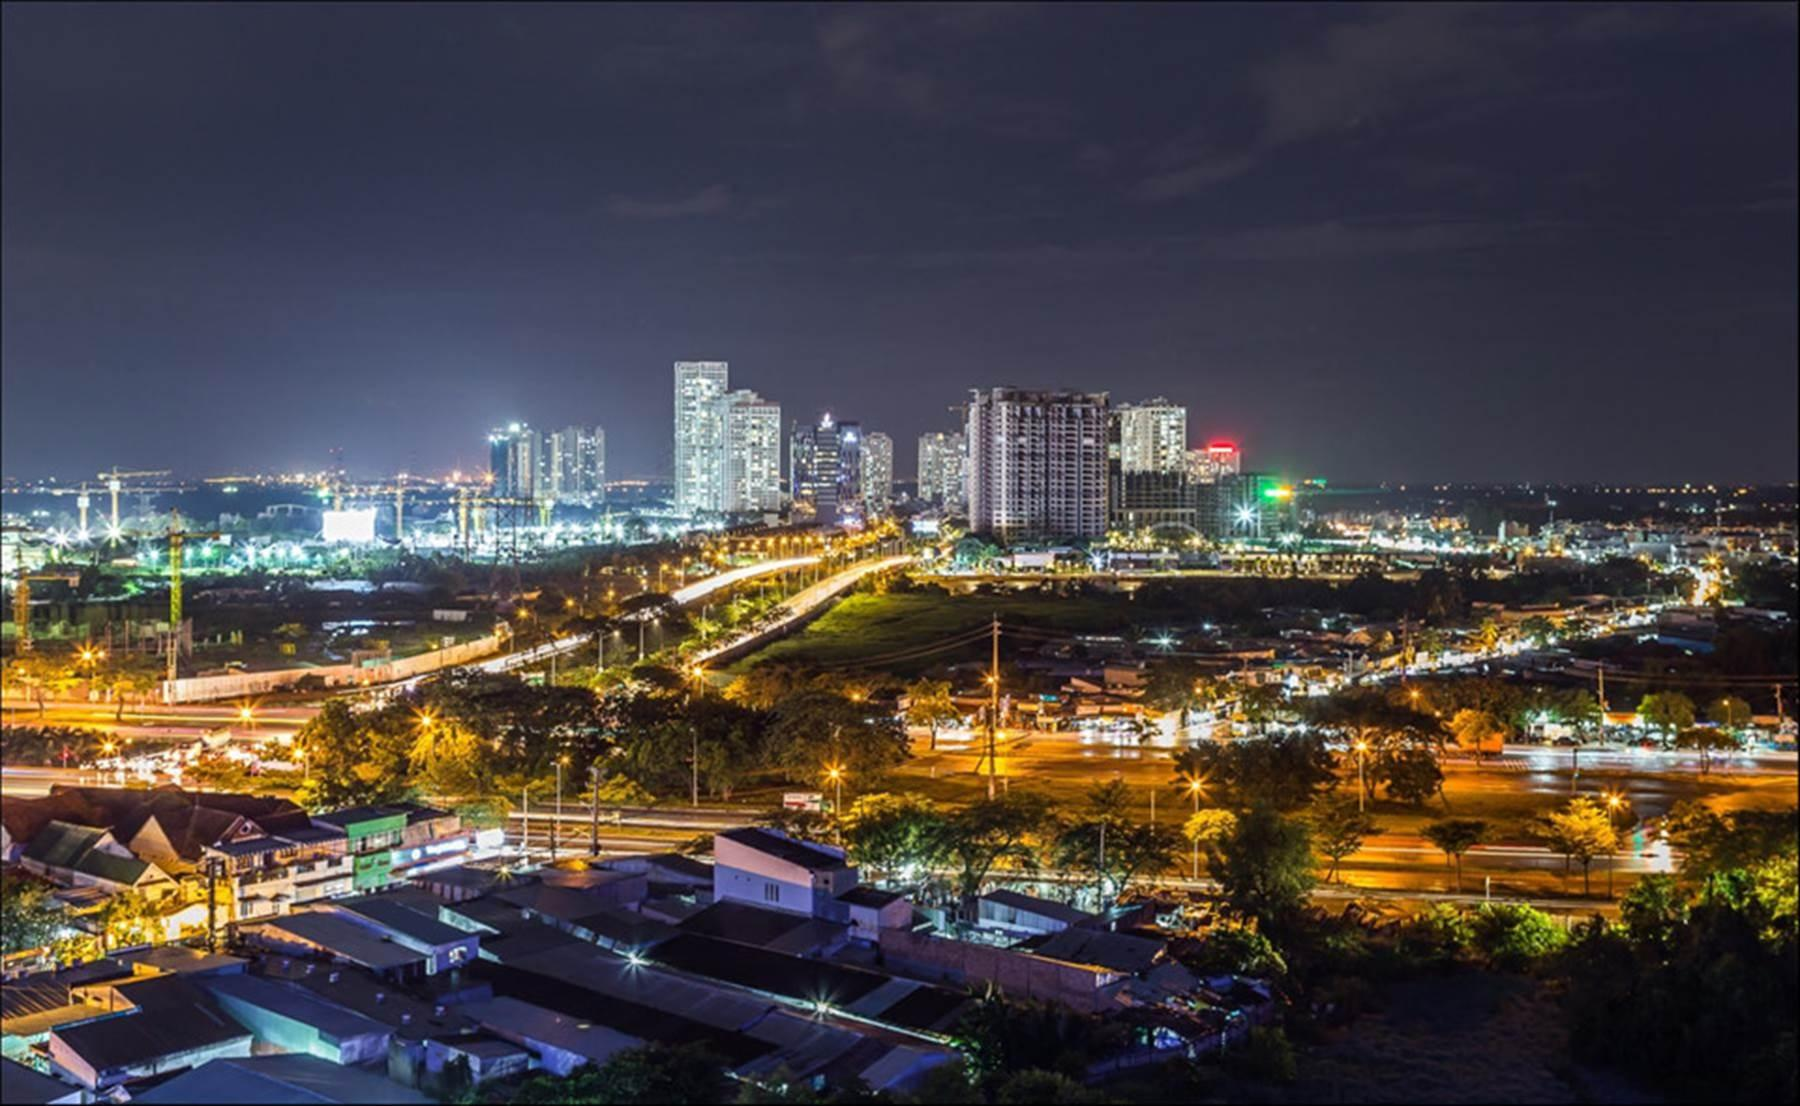 Sài Gòn hoa lệ lung linh ánh đèn trong 'Dấu ấn Việt Nam'-9